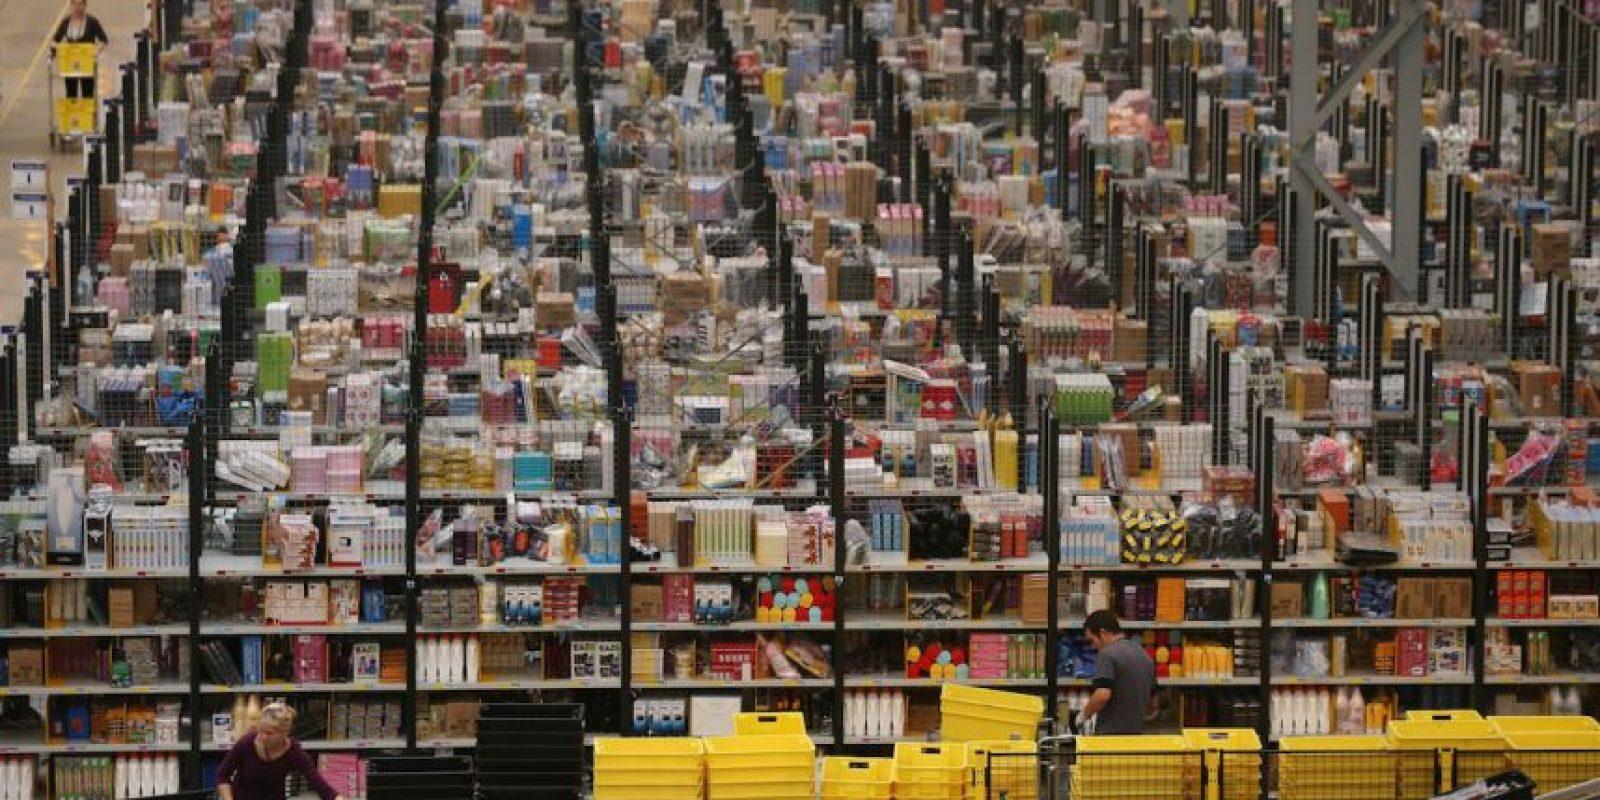 Los productos están en grandes almacenes. Foto:Getty Images